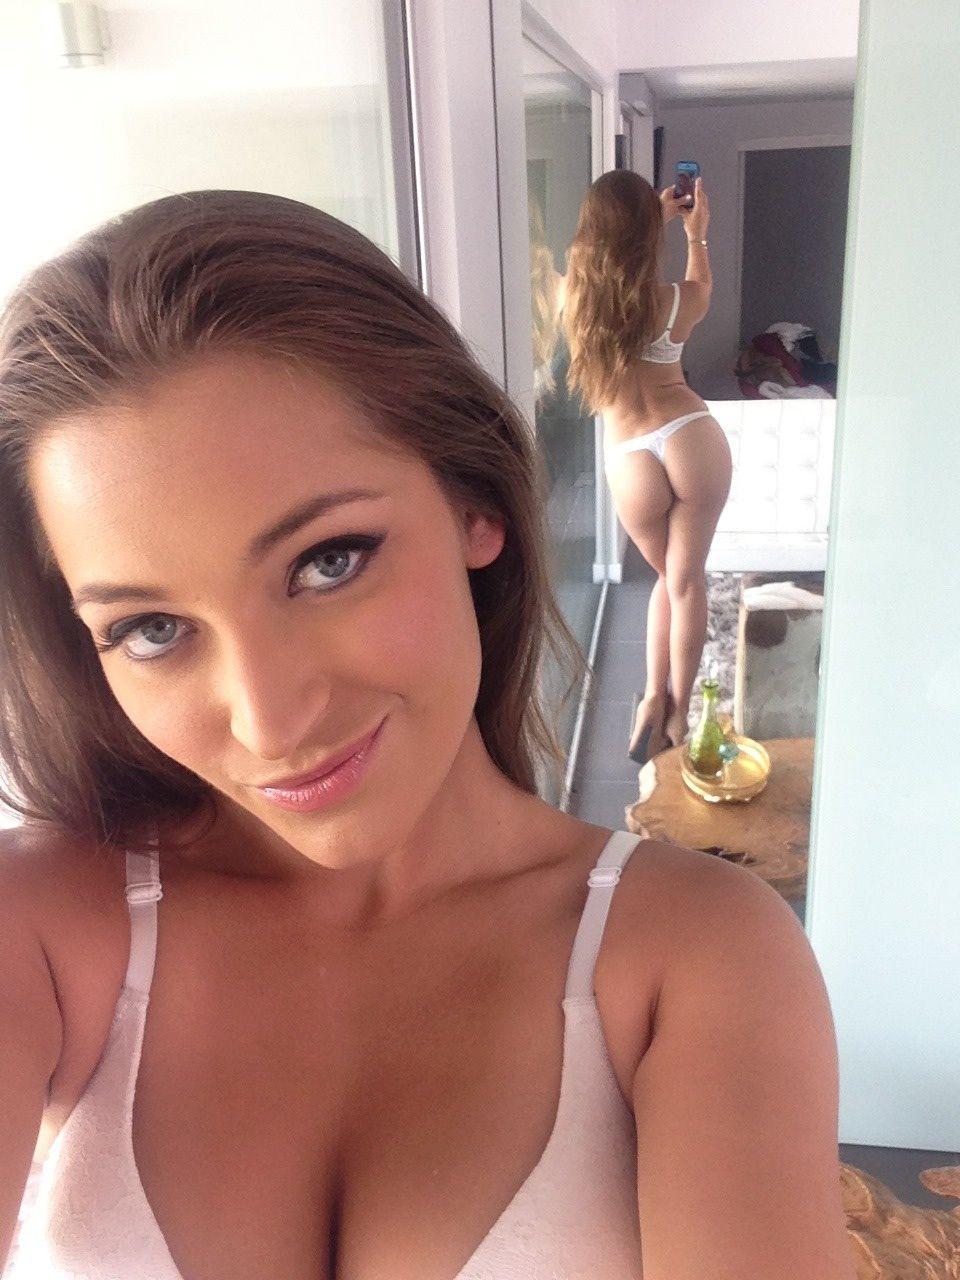 chica_viernes_marcianosmx.com (44)